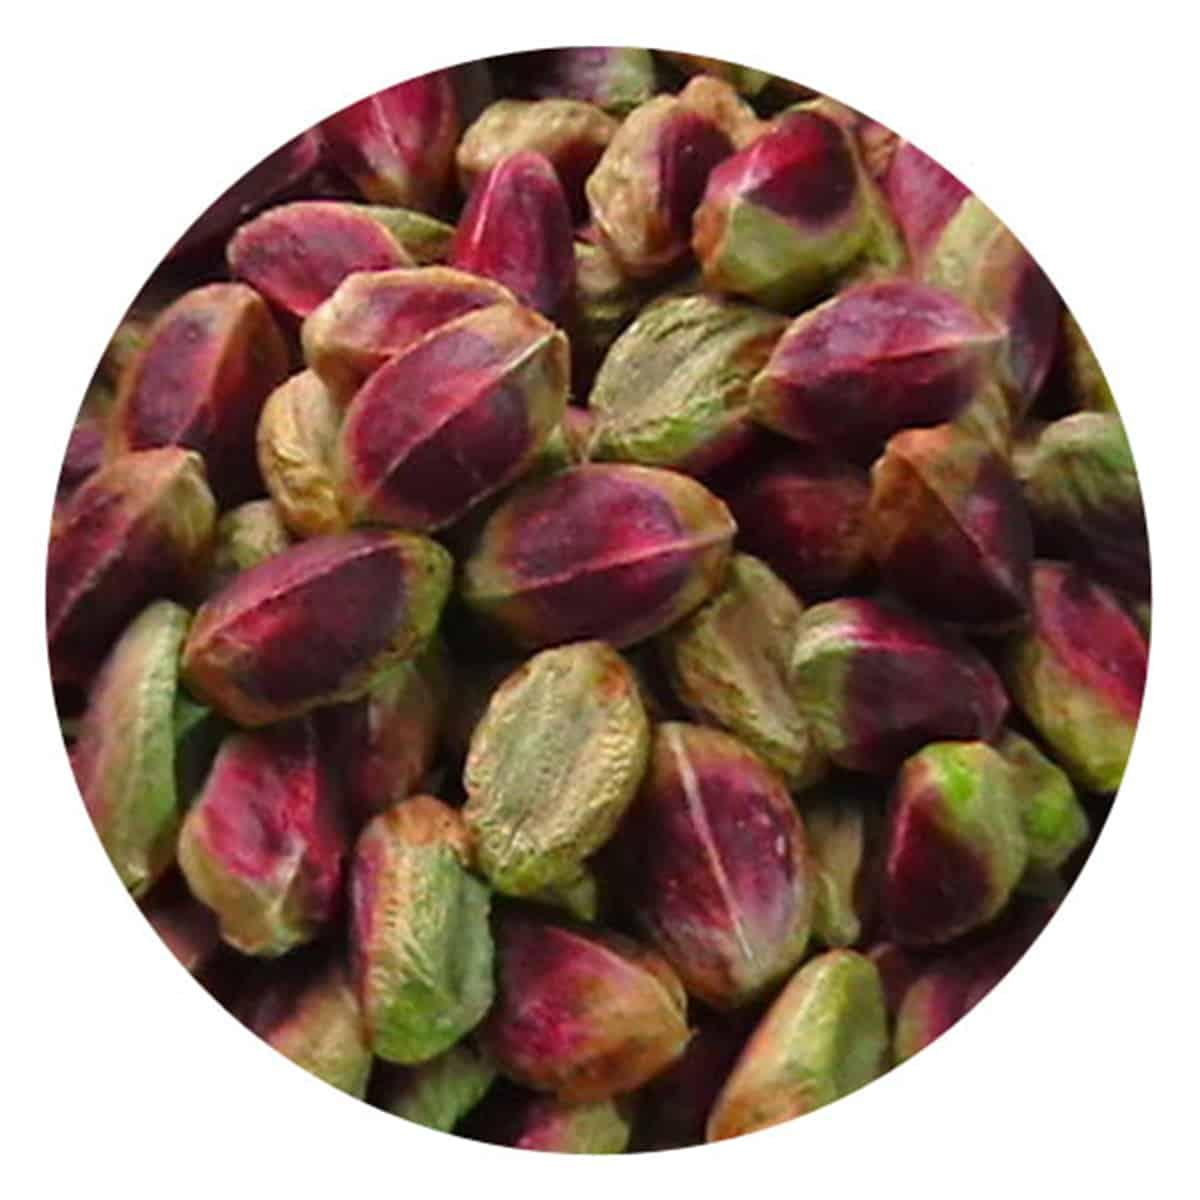 Buy IAG Foods Pistachio Nuts - 1 kg